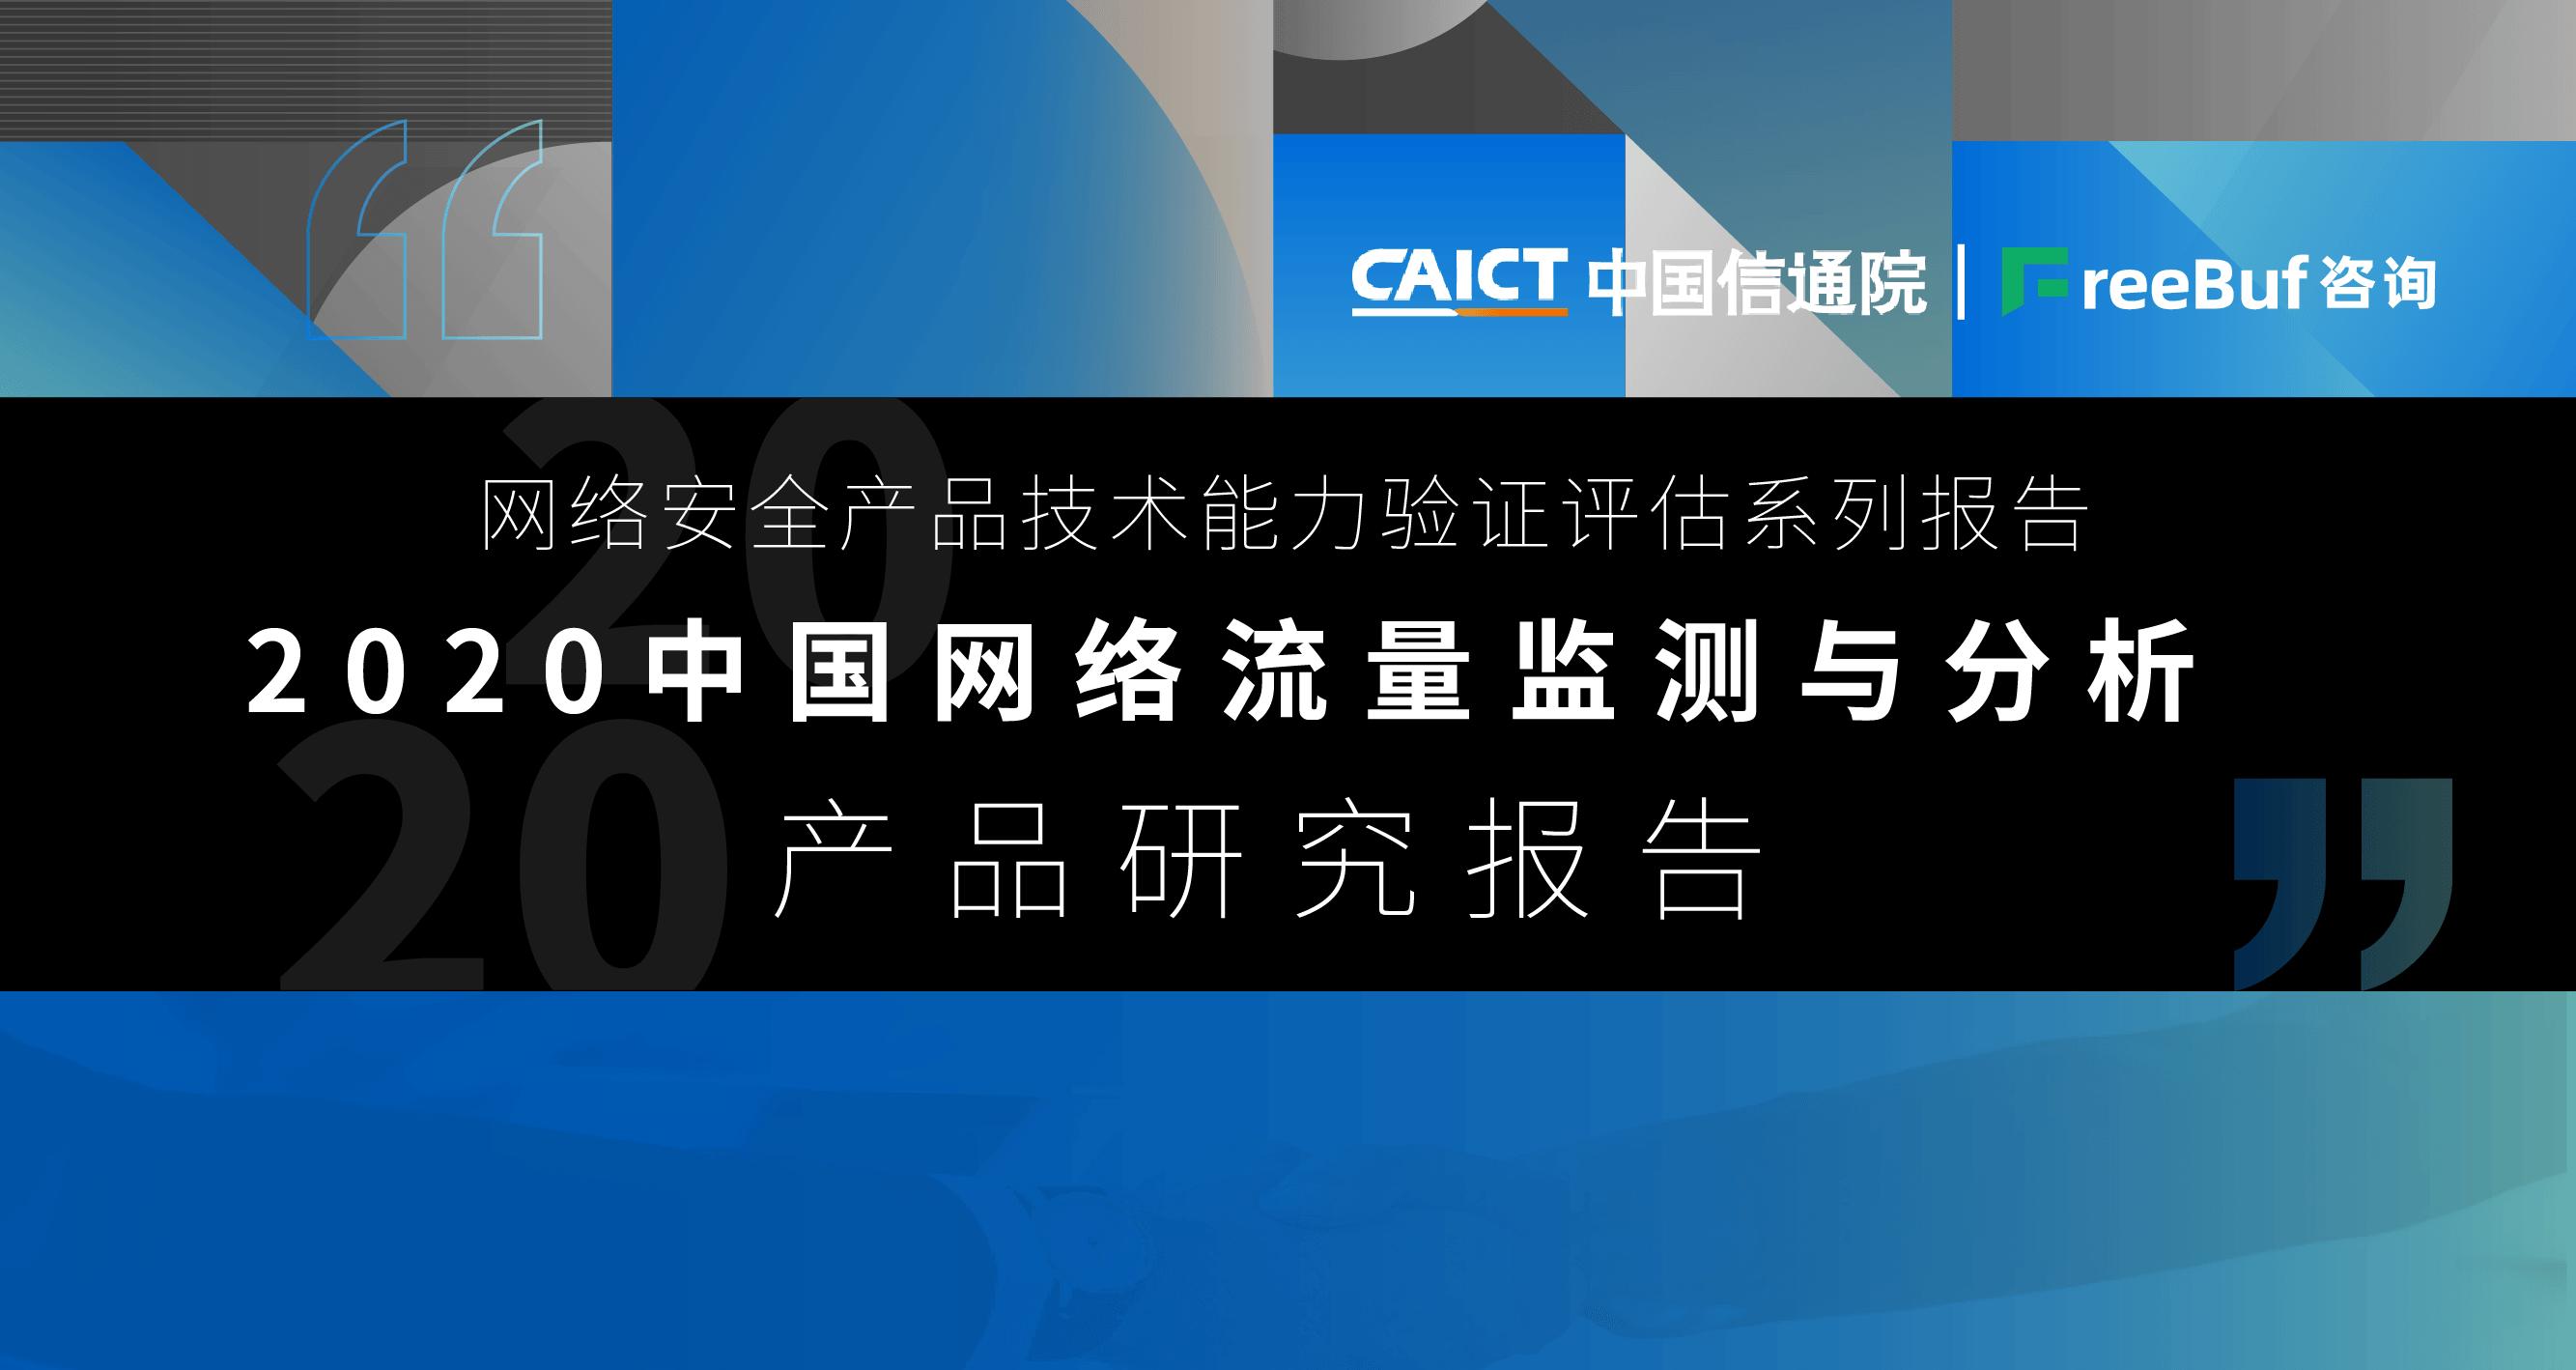 《中国网络流量监测与分析产品研究报告》(2020年)正式发布